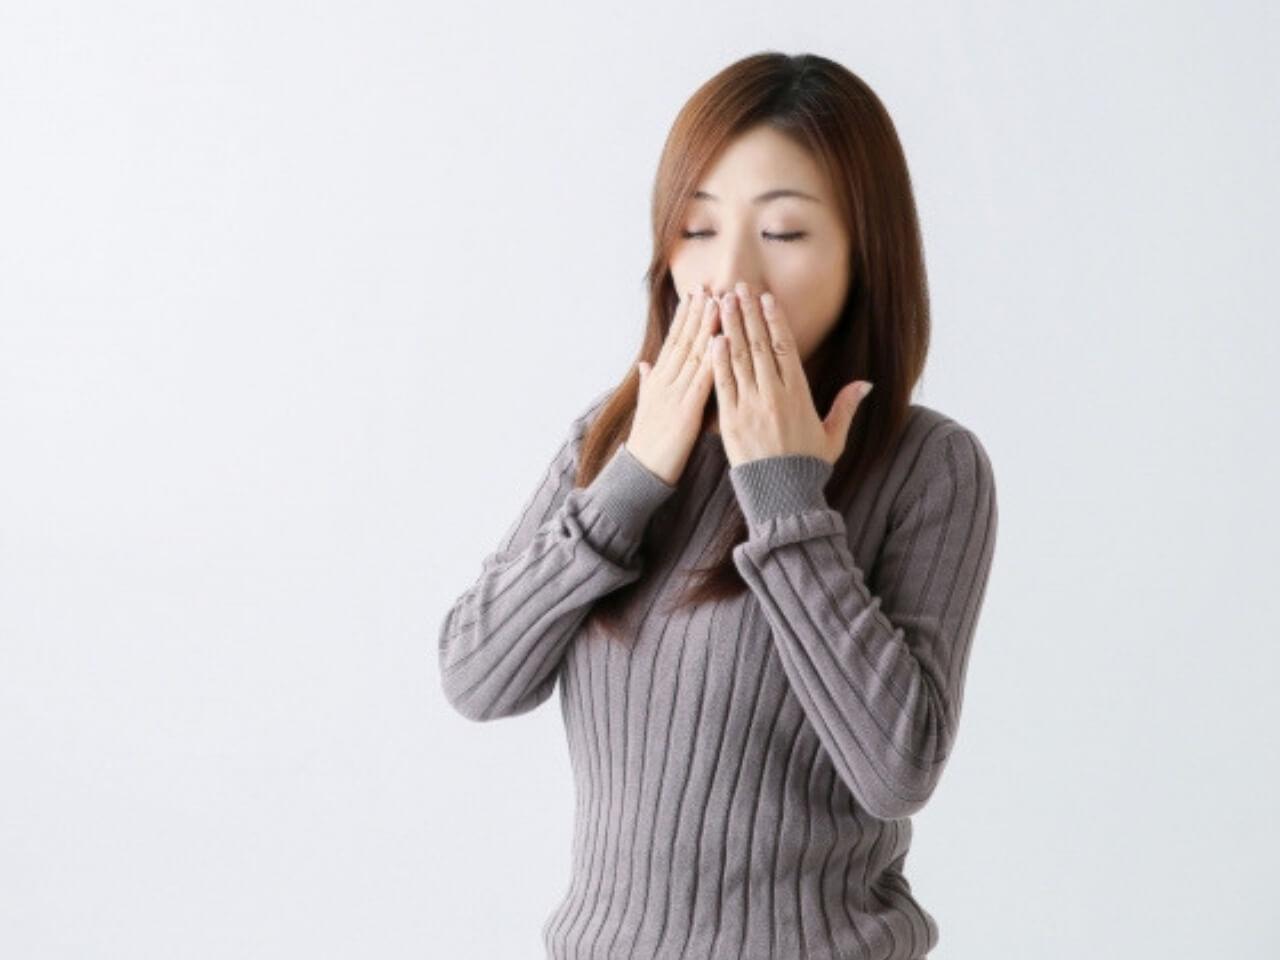 両手で隠しながらあくびをする女性